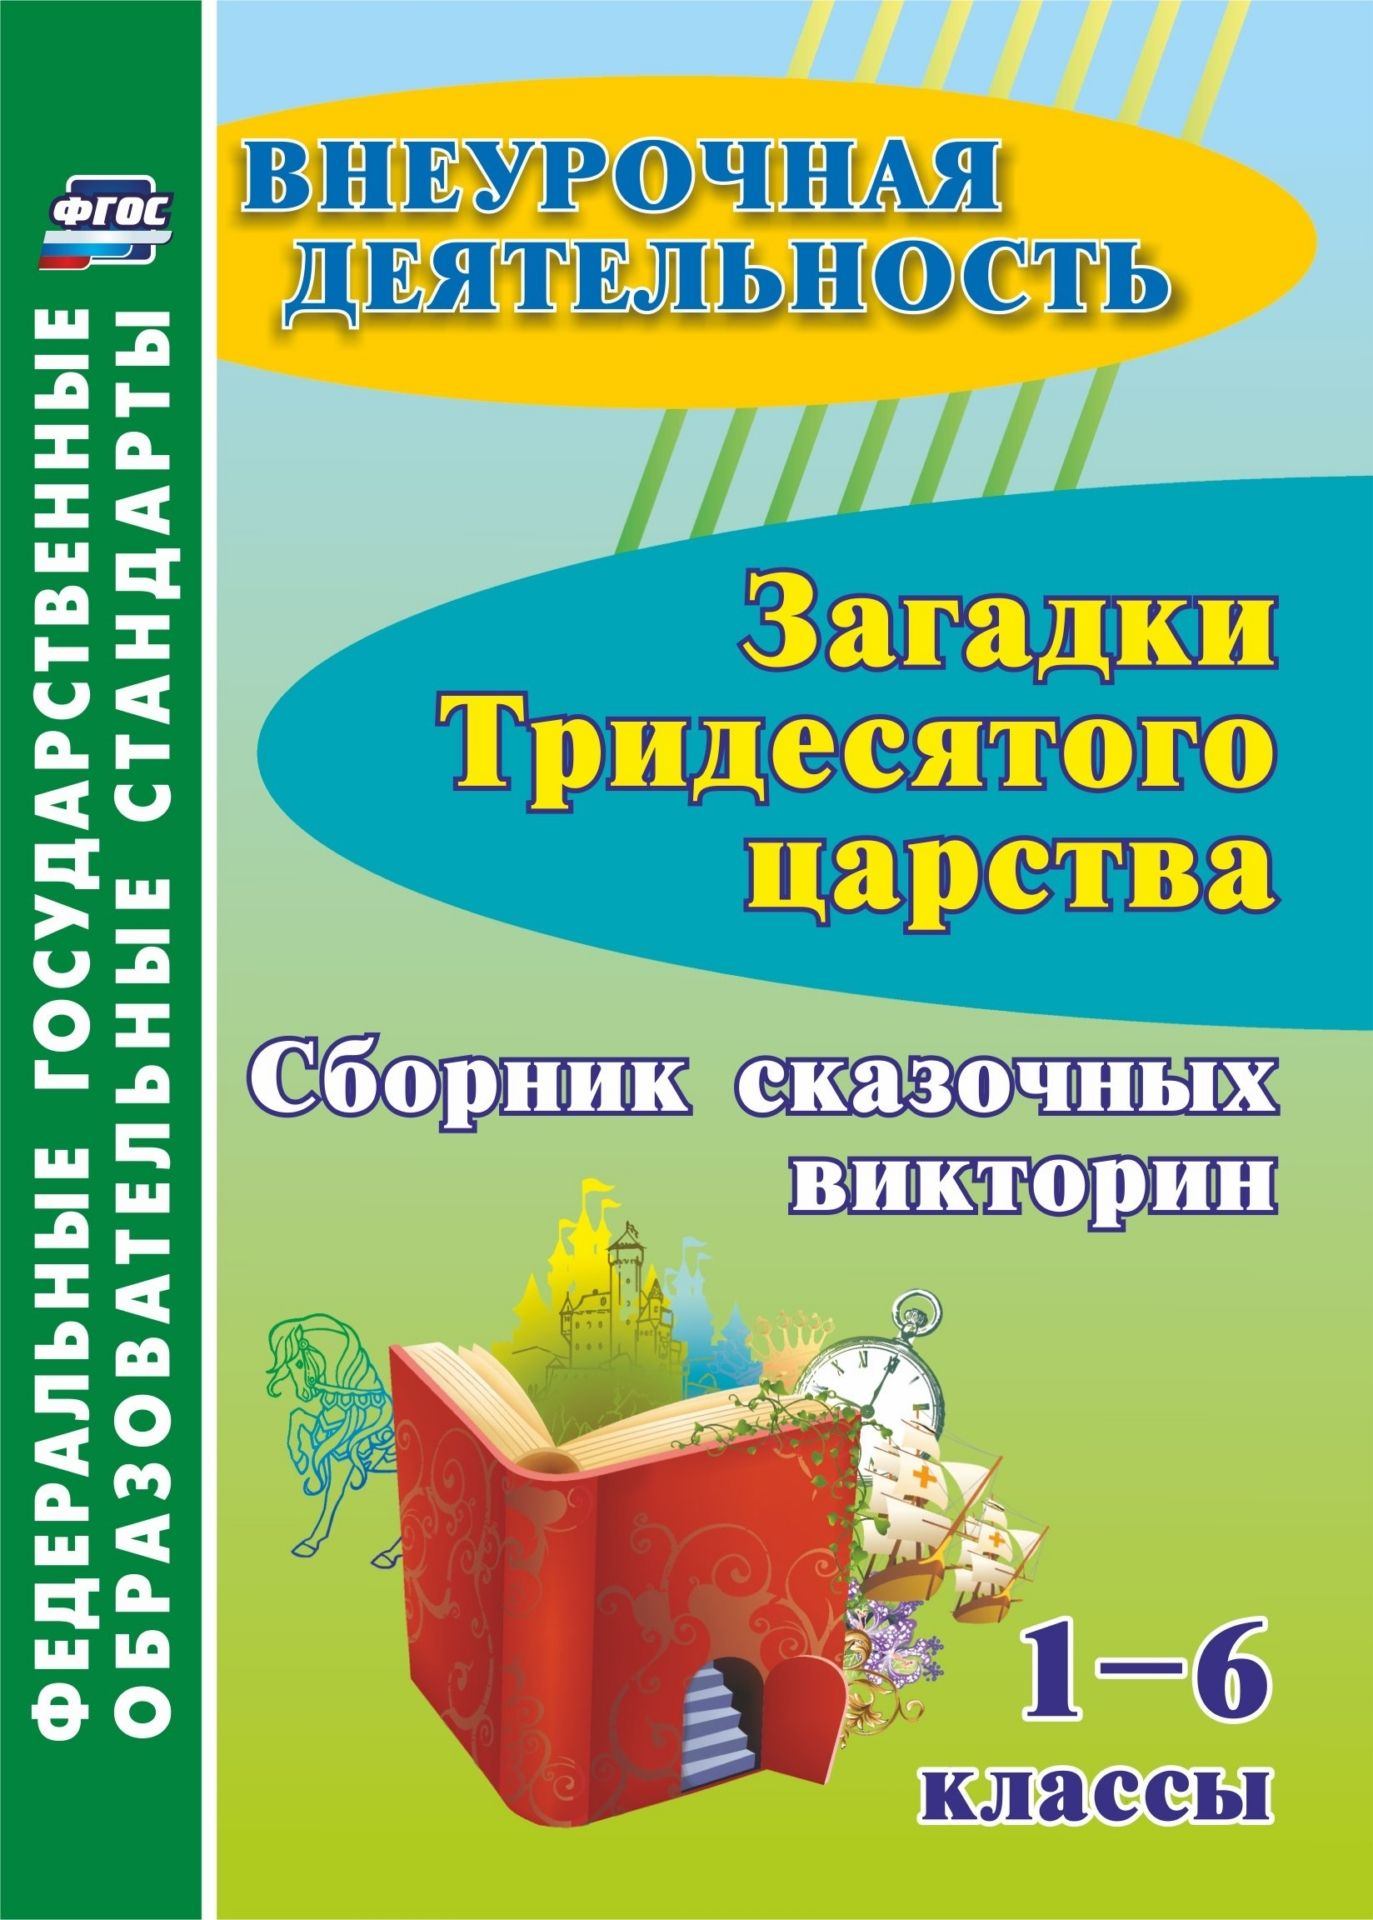 Купить со скидкой Загадки тридесятого царства. 1-6 классы: сборник сказочных викторин